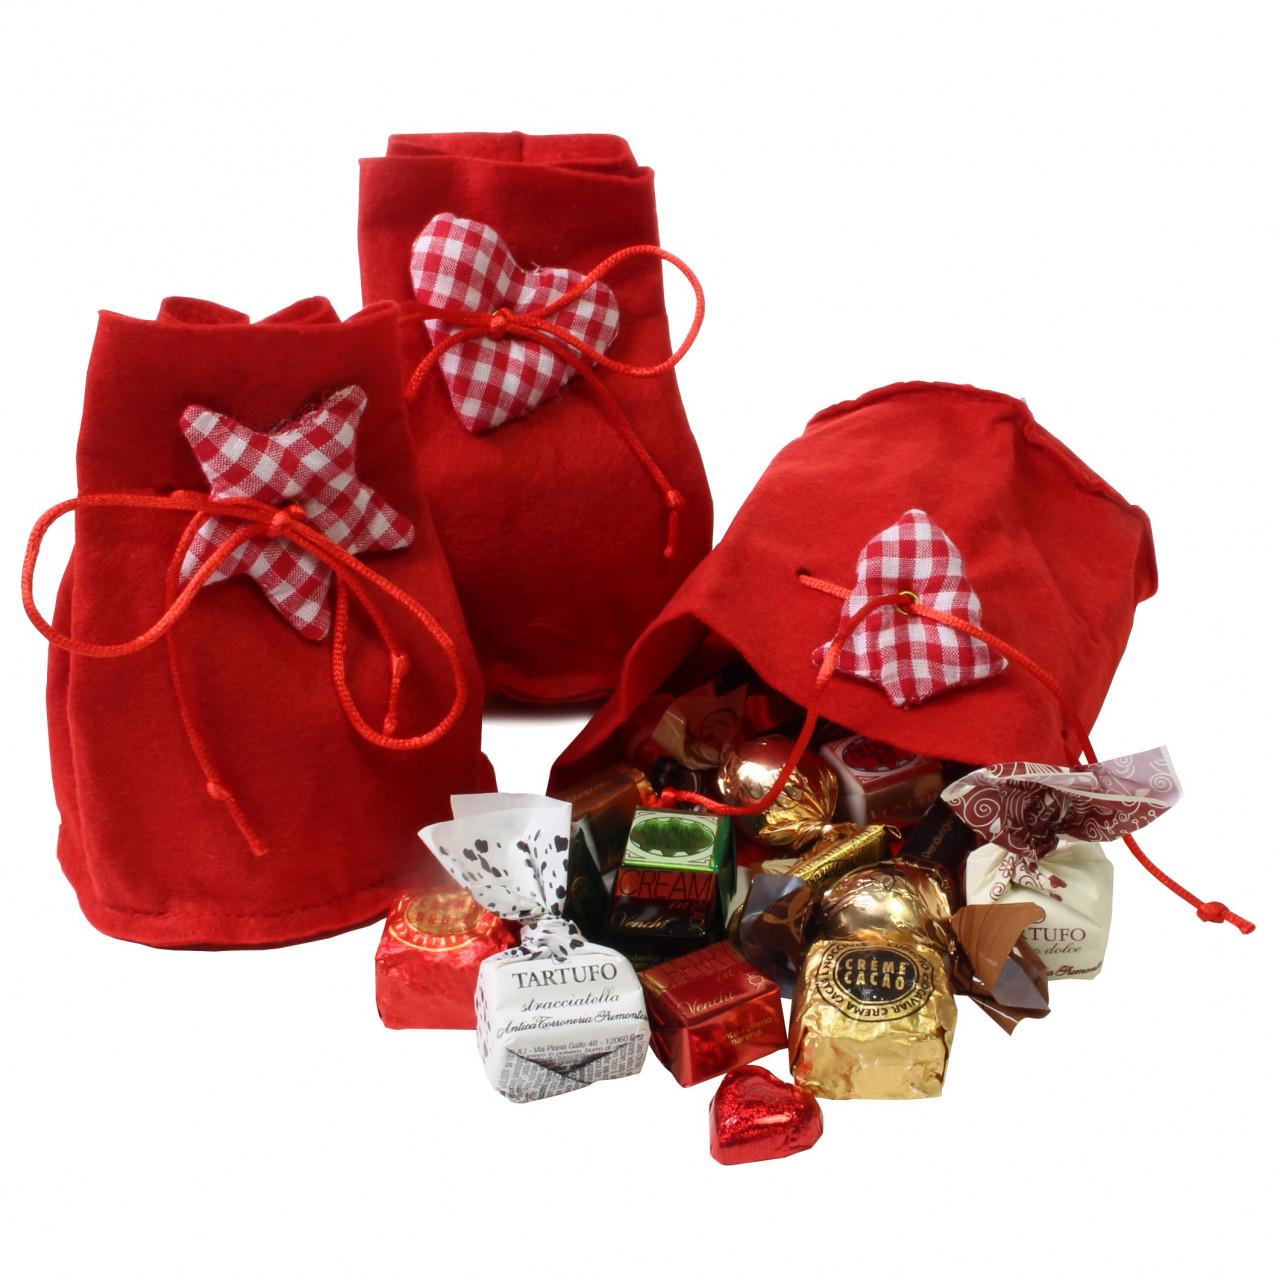 Bolsa roja navideña rellena de chocolate -  - Chocolats-De-Luxe